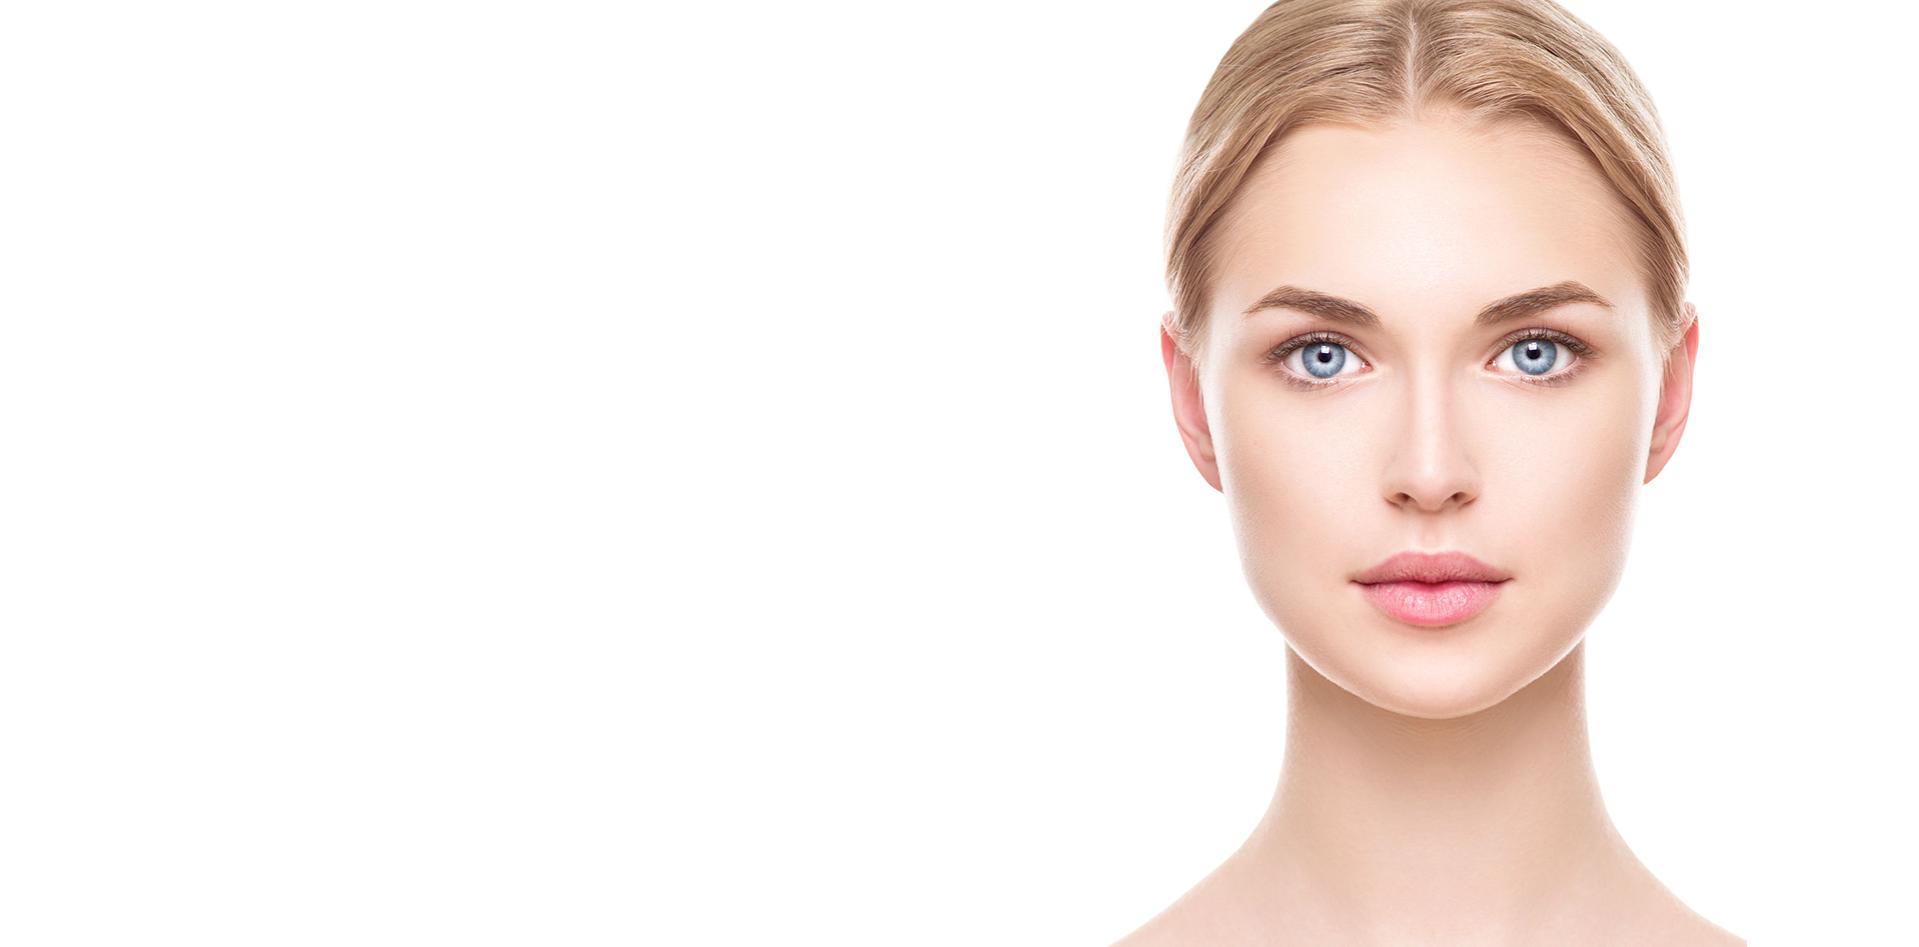 Egyedi, prémium kezelésekre vágysz, esetleg bőrproblémáid vannak?